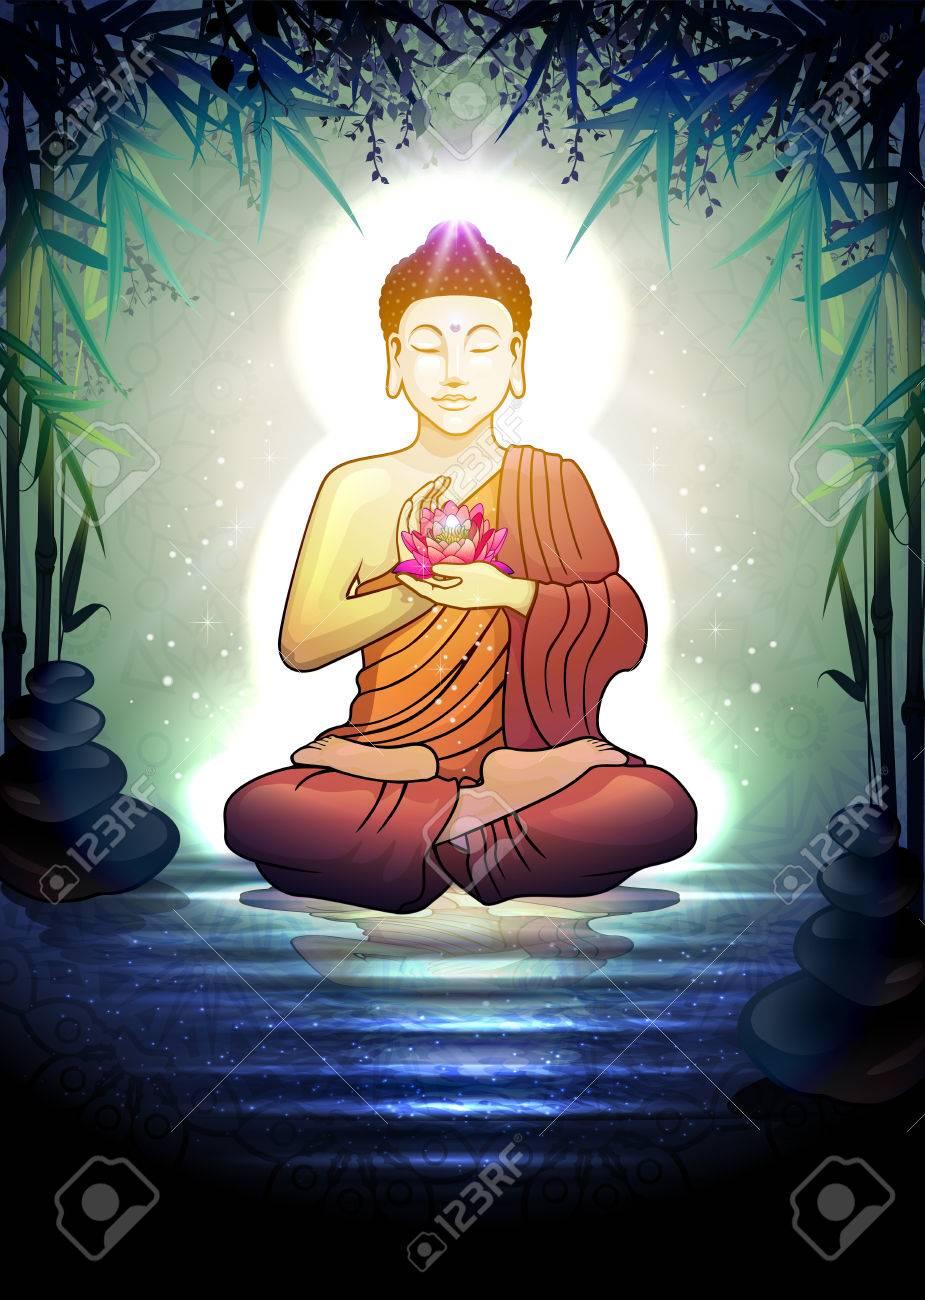 Buddha In Meditation With Lotus Flower In Tranquil Zen Garden